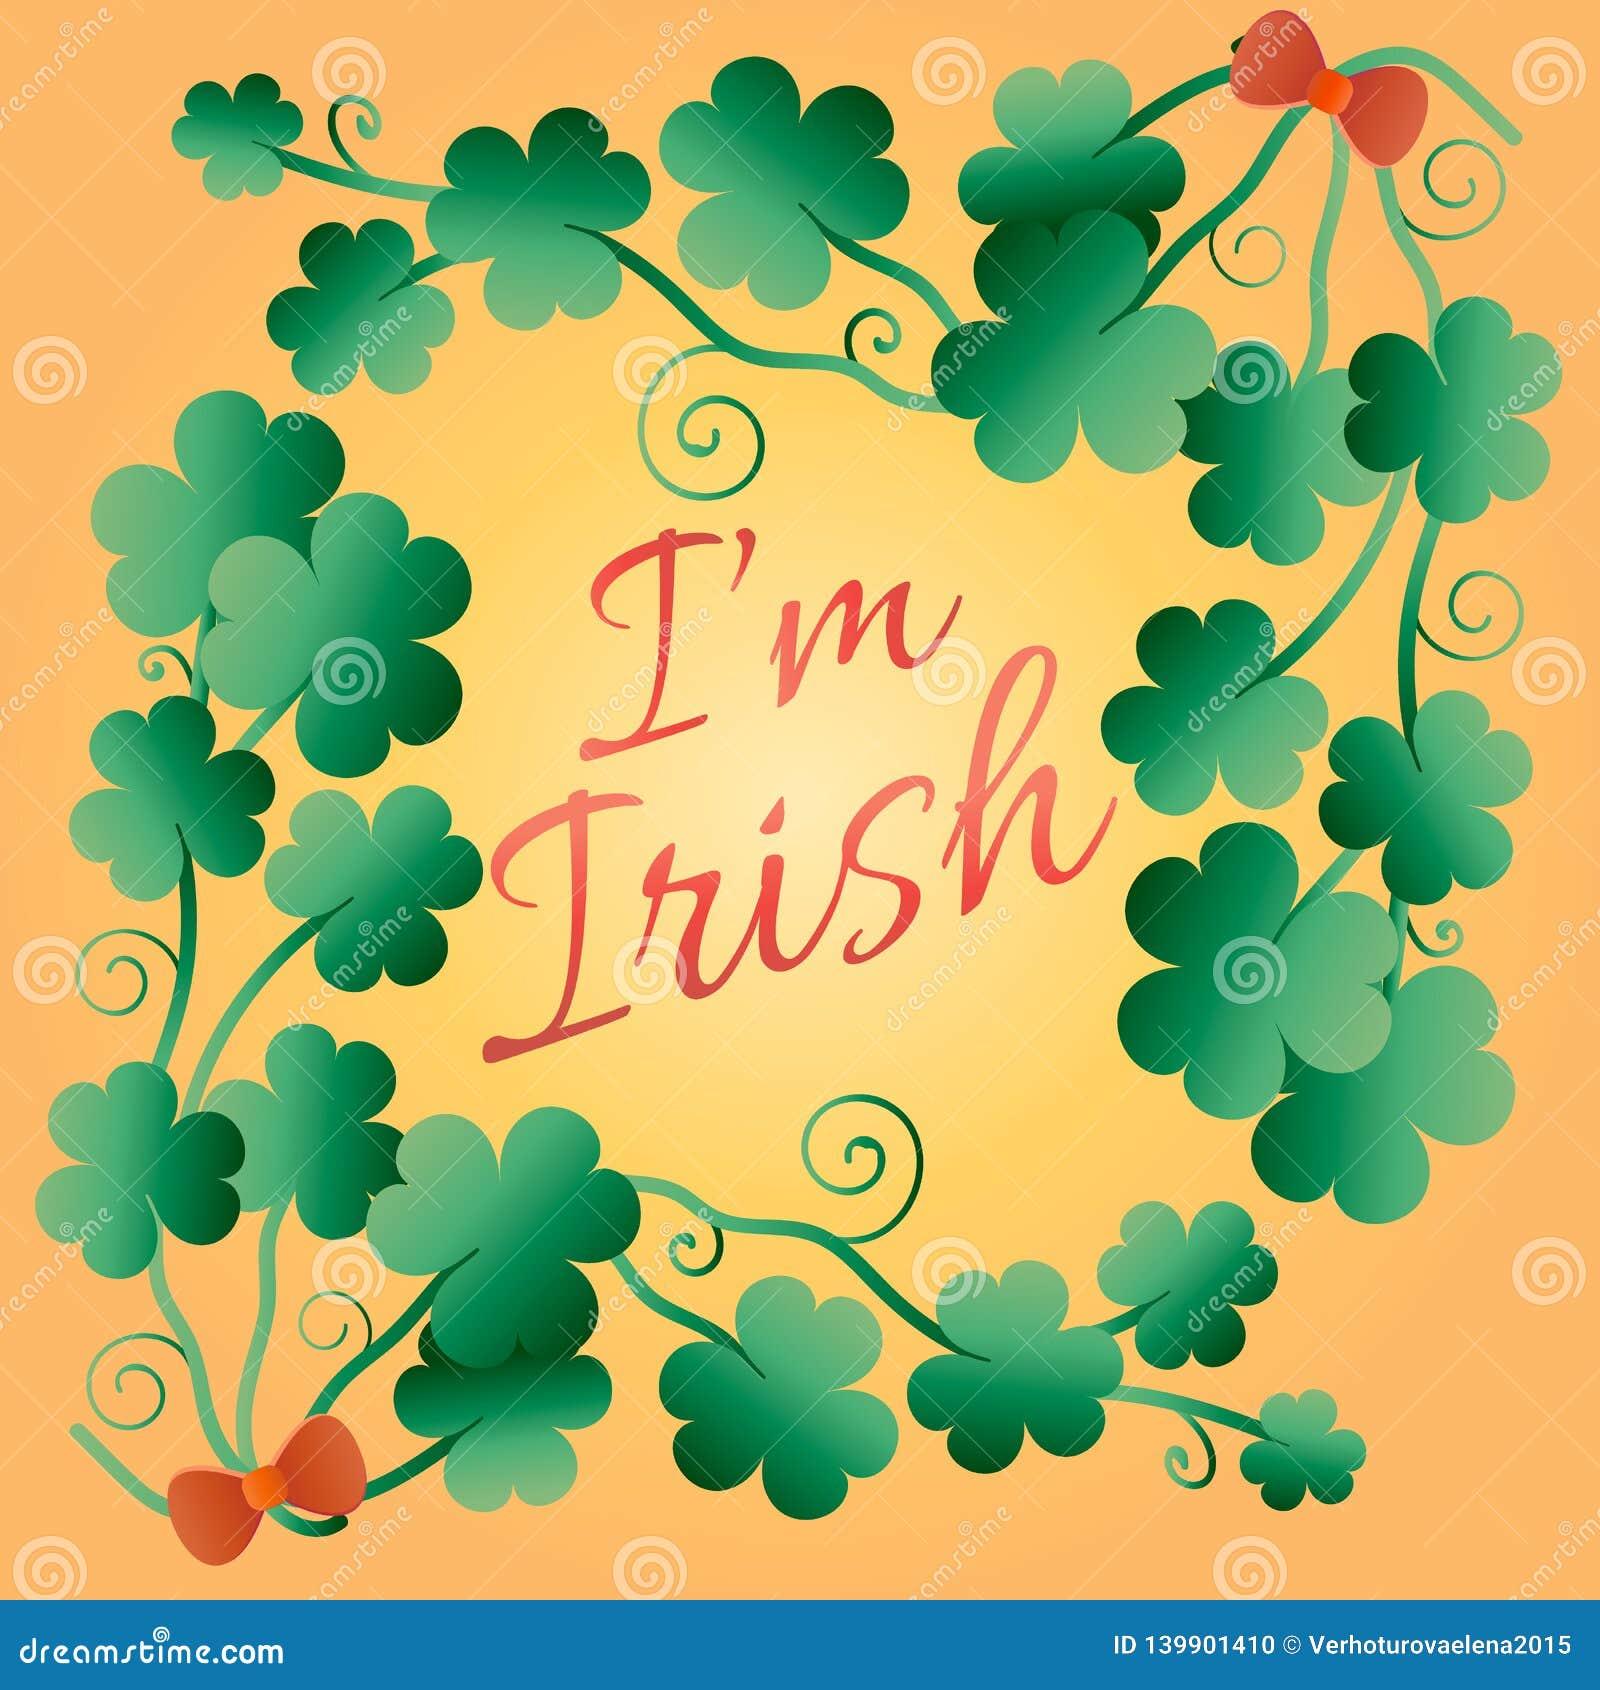 Με φιλήστε, είμαι ιρλανδικά Τυπογραφική αφίσα ύφους για την ημέρα του ST Πάτρικ ` s Σχέδιο μπλουζών εγγραφής Εορτασμός ημέρας Αγί